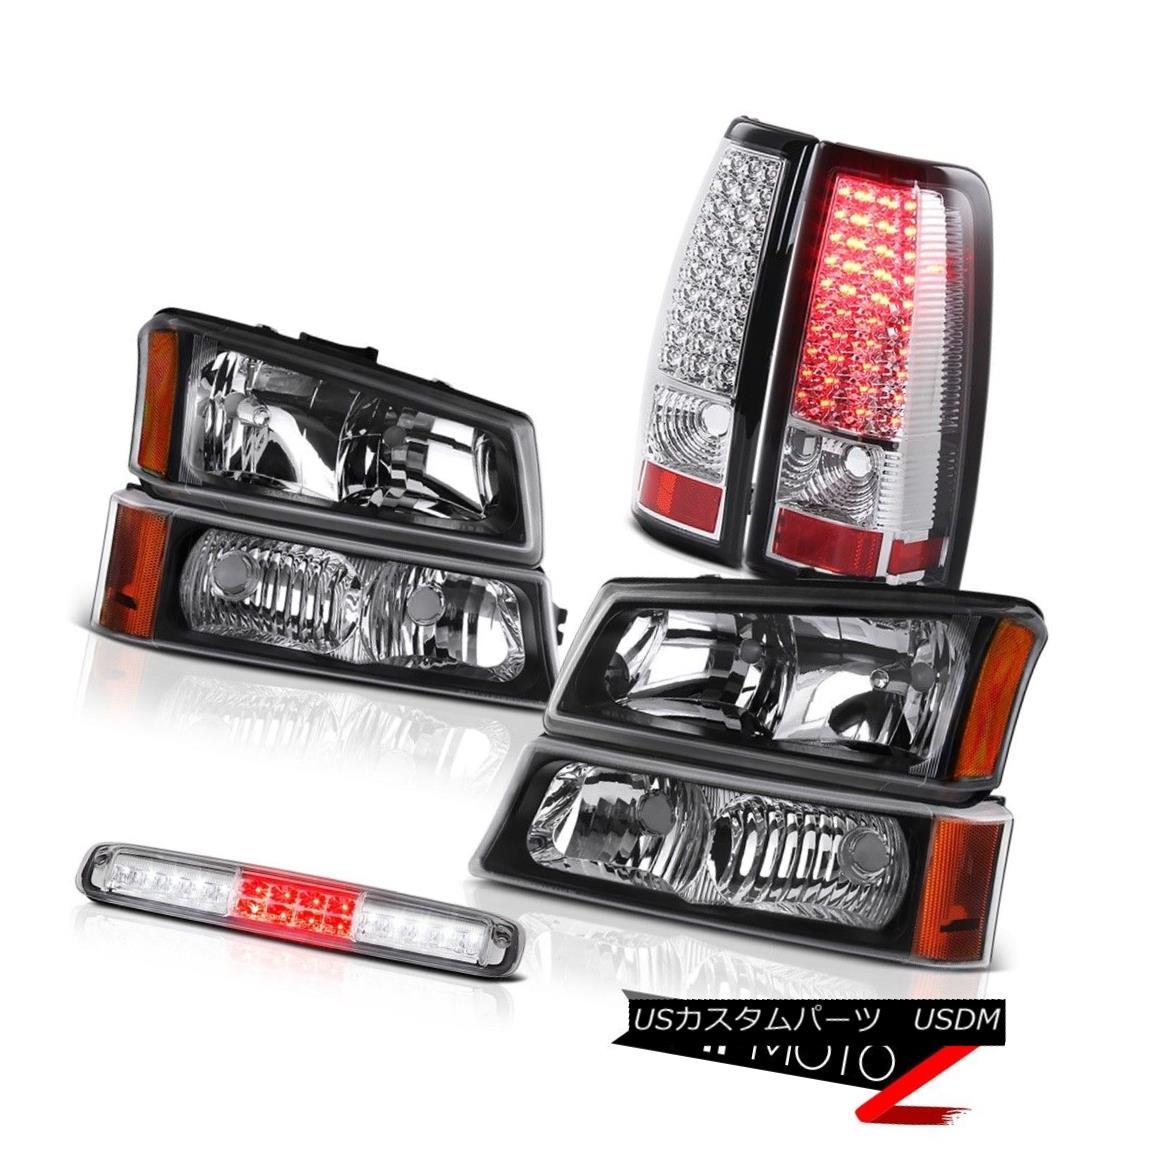 テールライト 2003-2006 Silverado Black Headlights Sterling Chrome High Stop Lamp Taillamps 2003-2006シルバラードブラックヘッドライトスターリングクロームハイストップランプタイルランプ